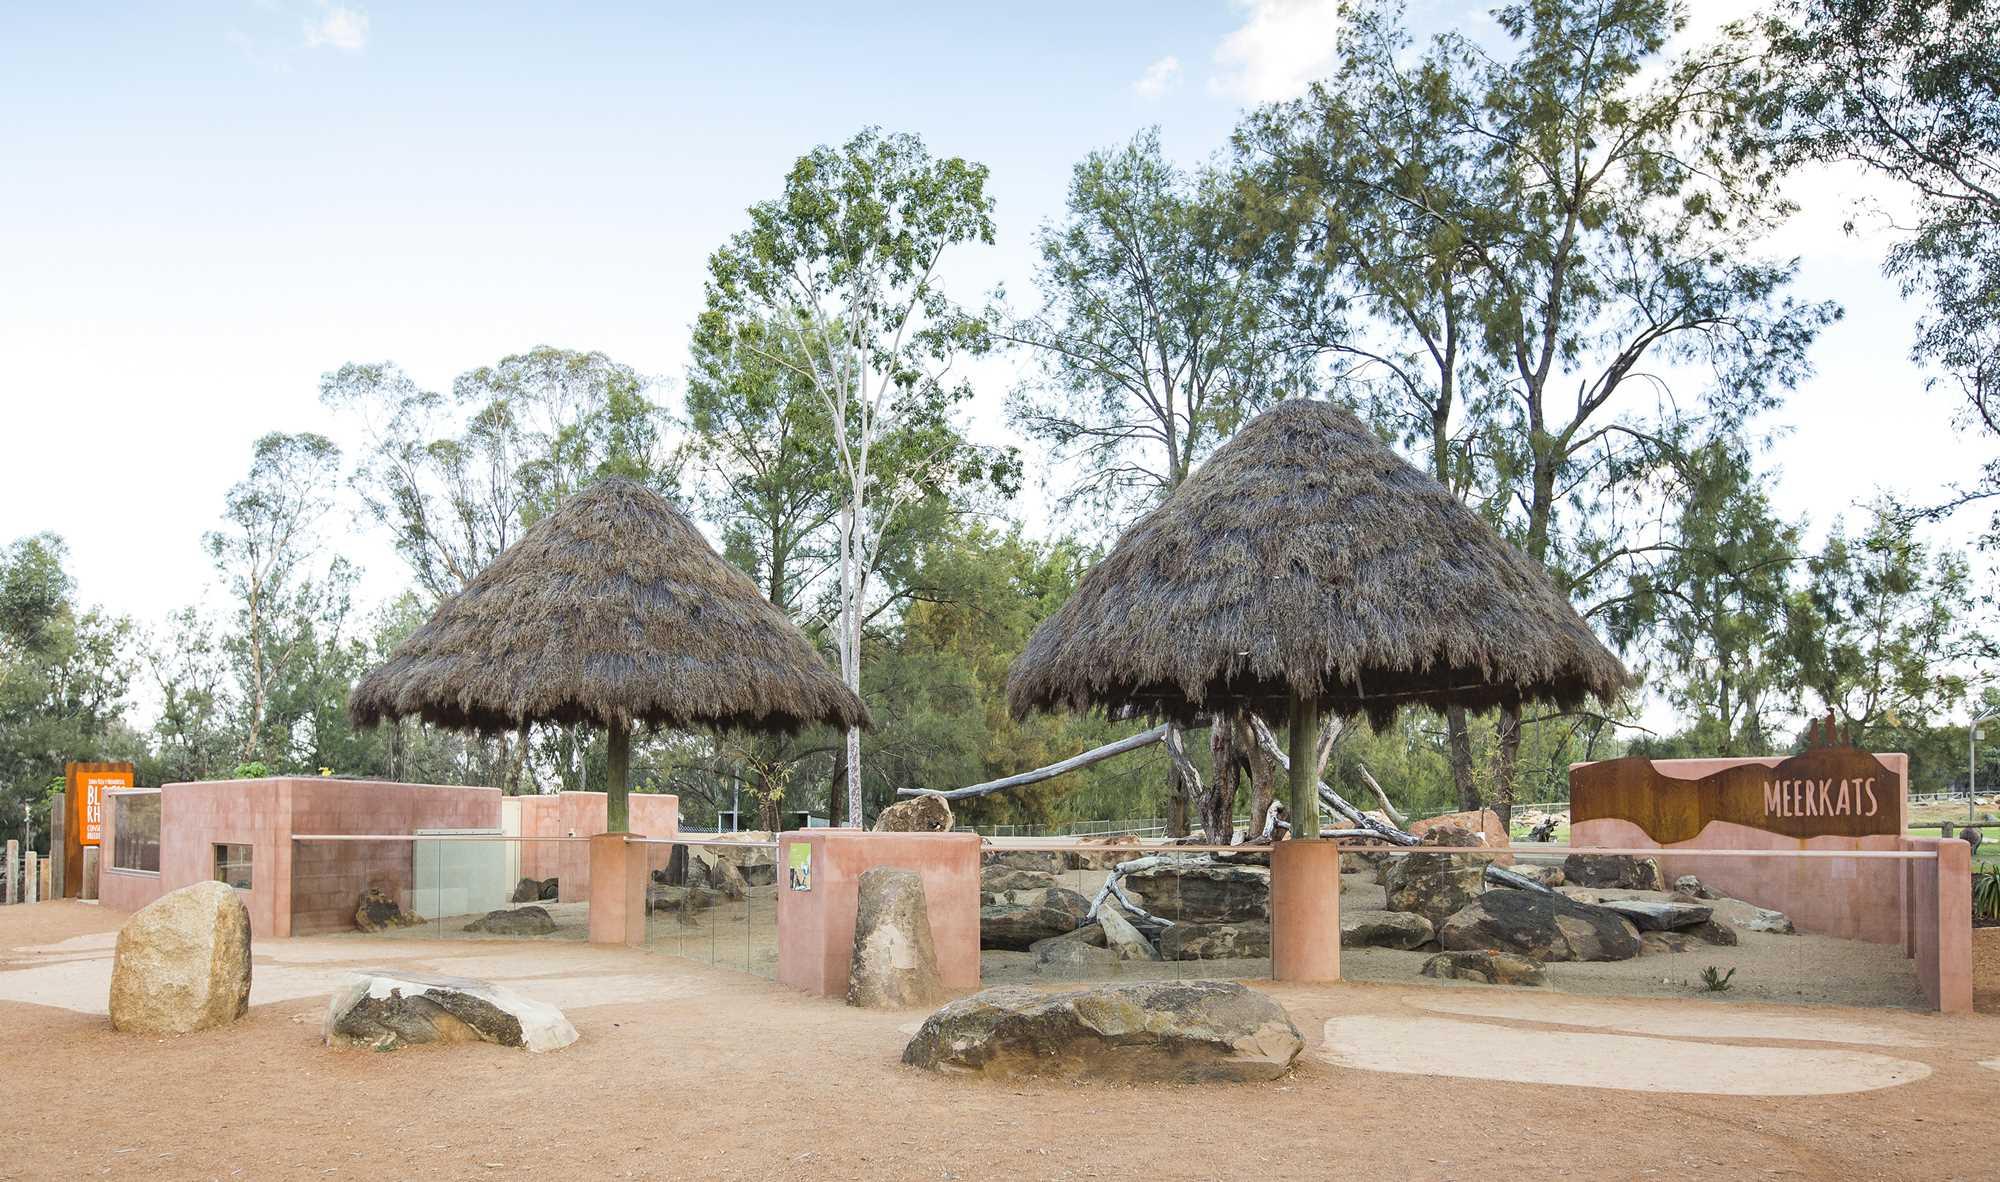 Meerkat Enclosure 2